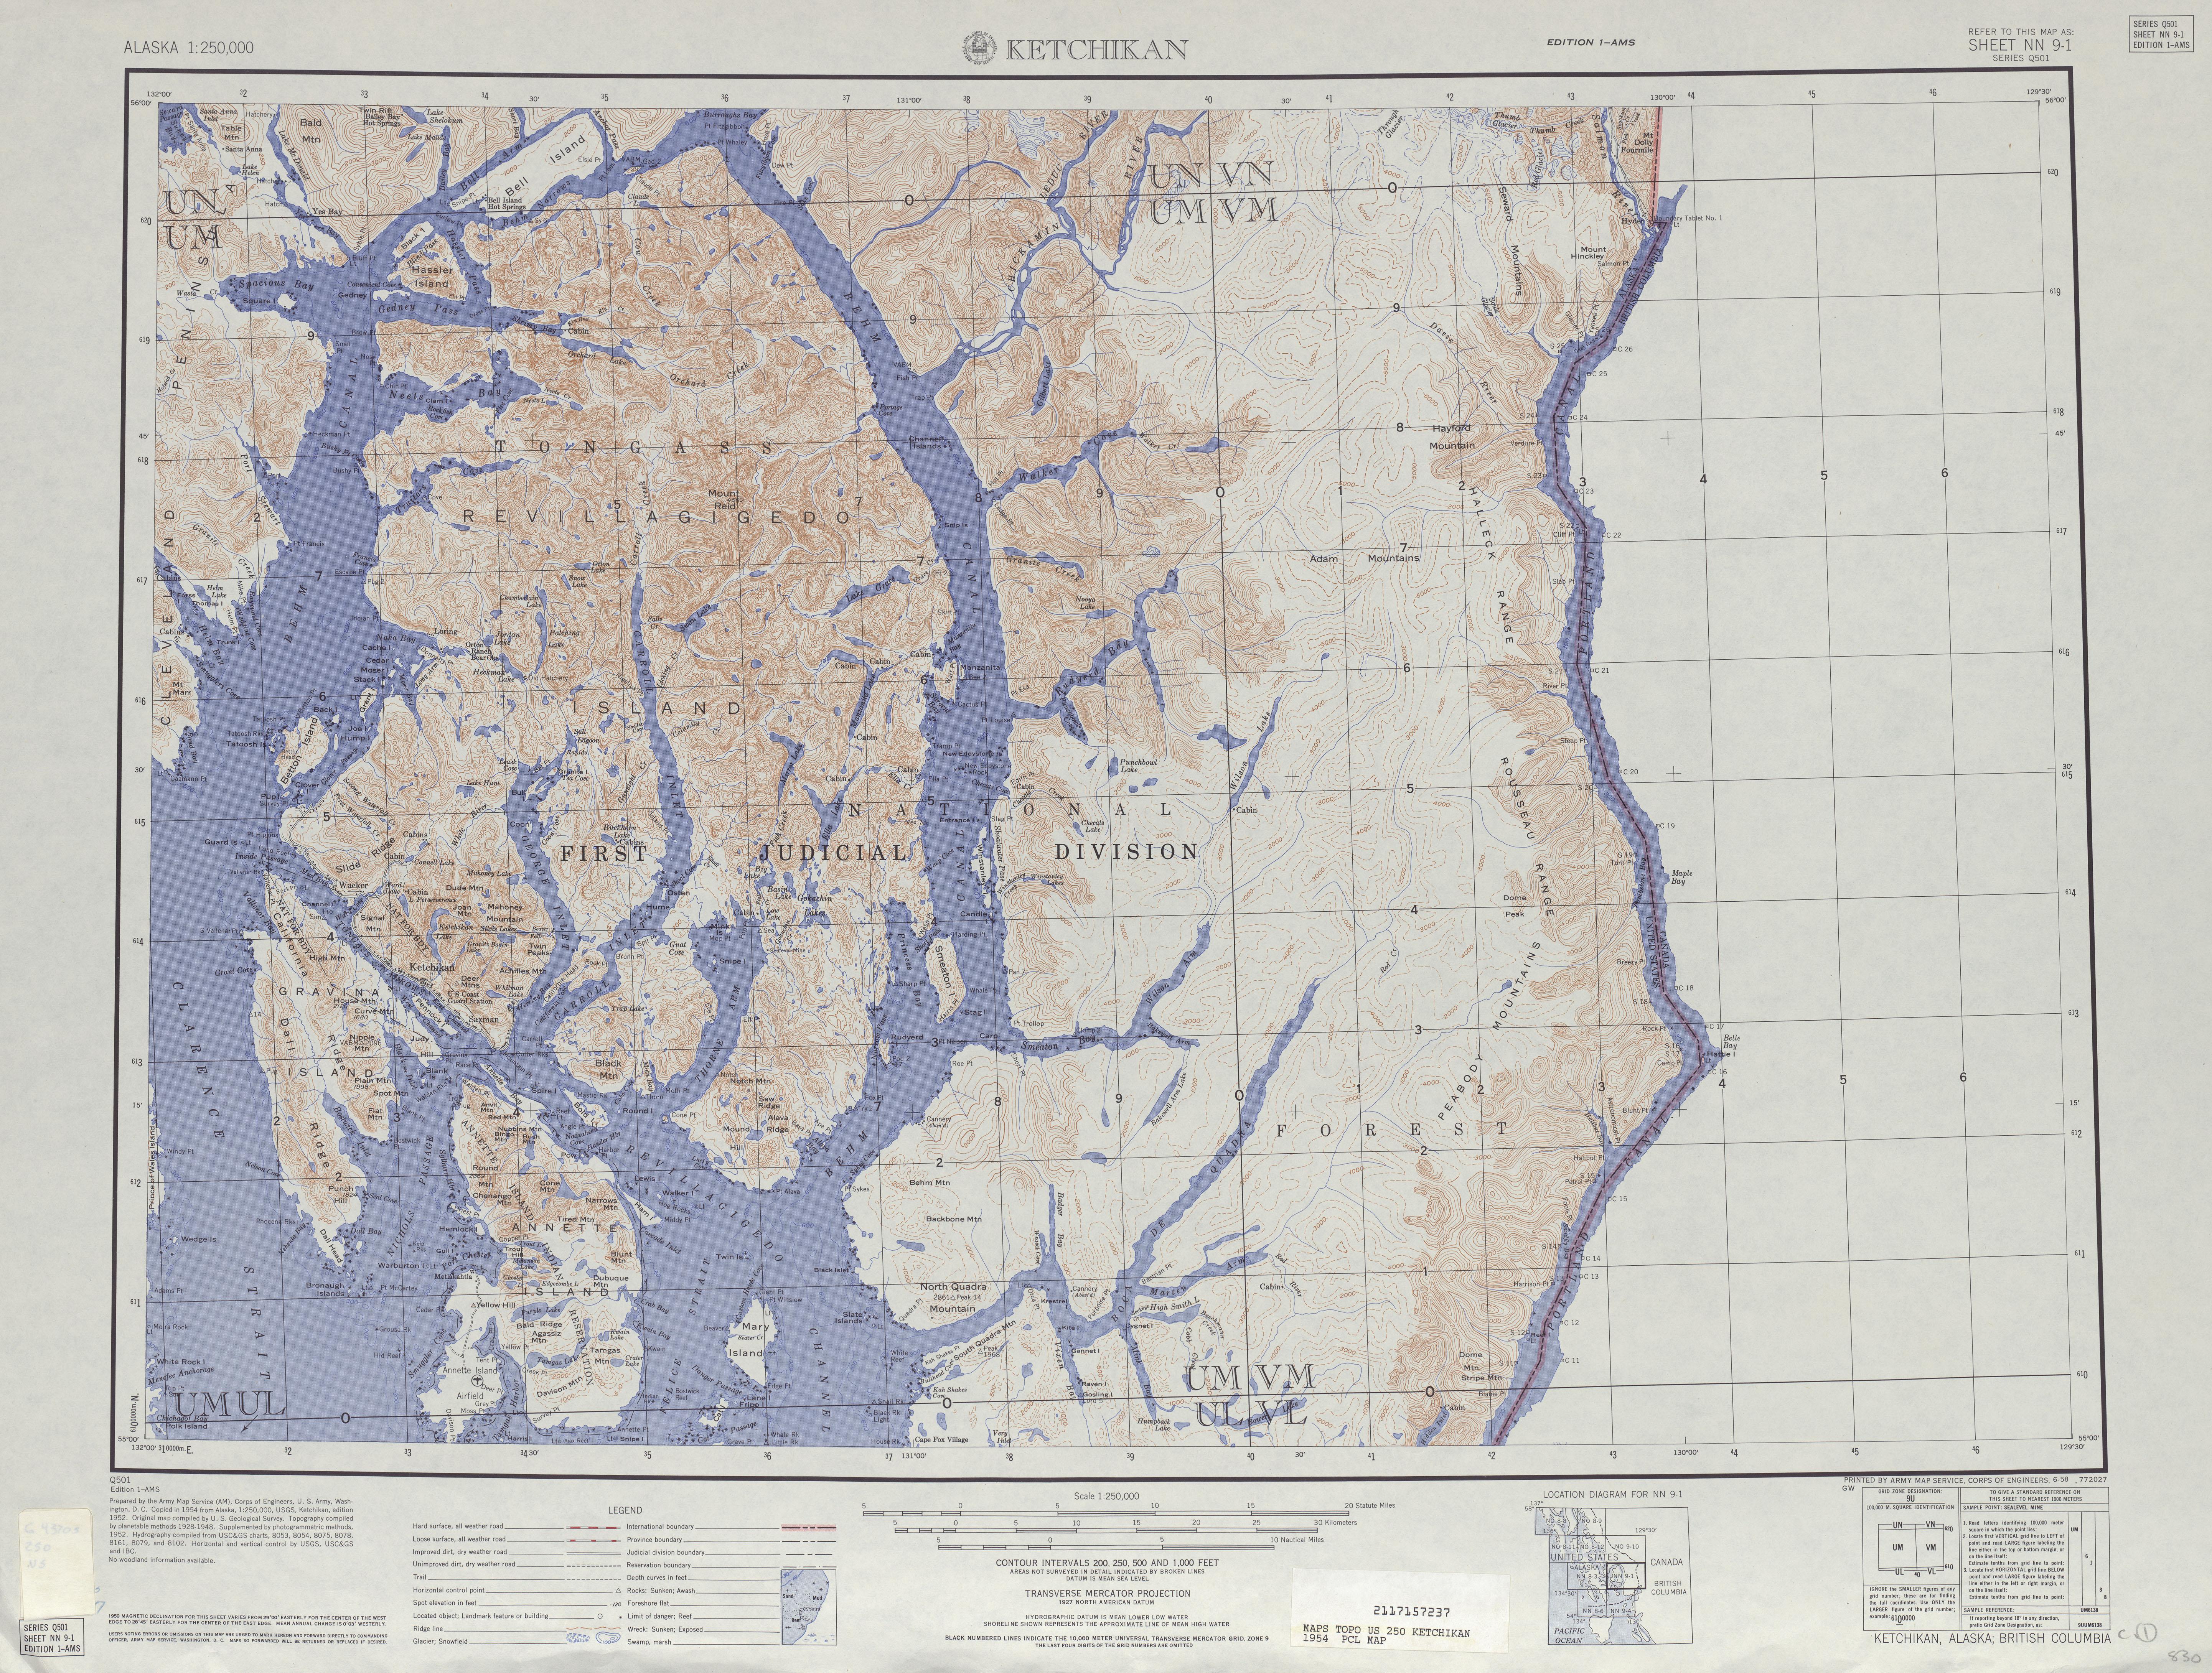 Datei:Txu-pclmaps-topo-us-ketchikan-1954.jpg – Wikipedia